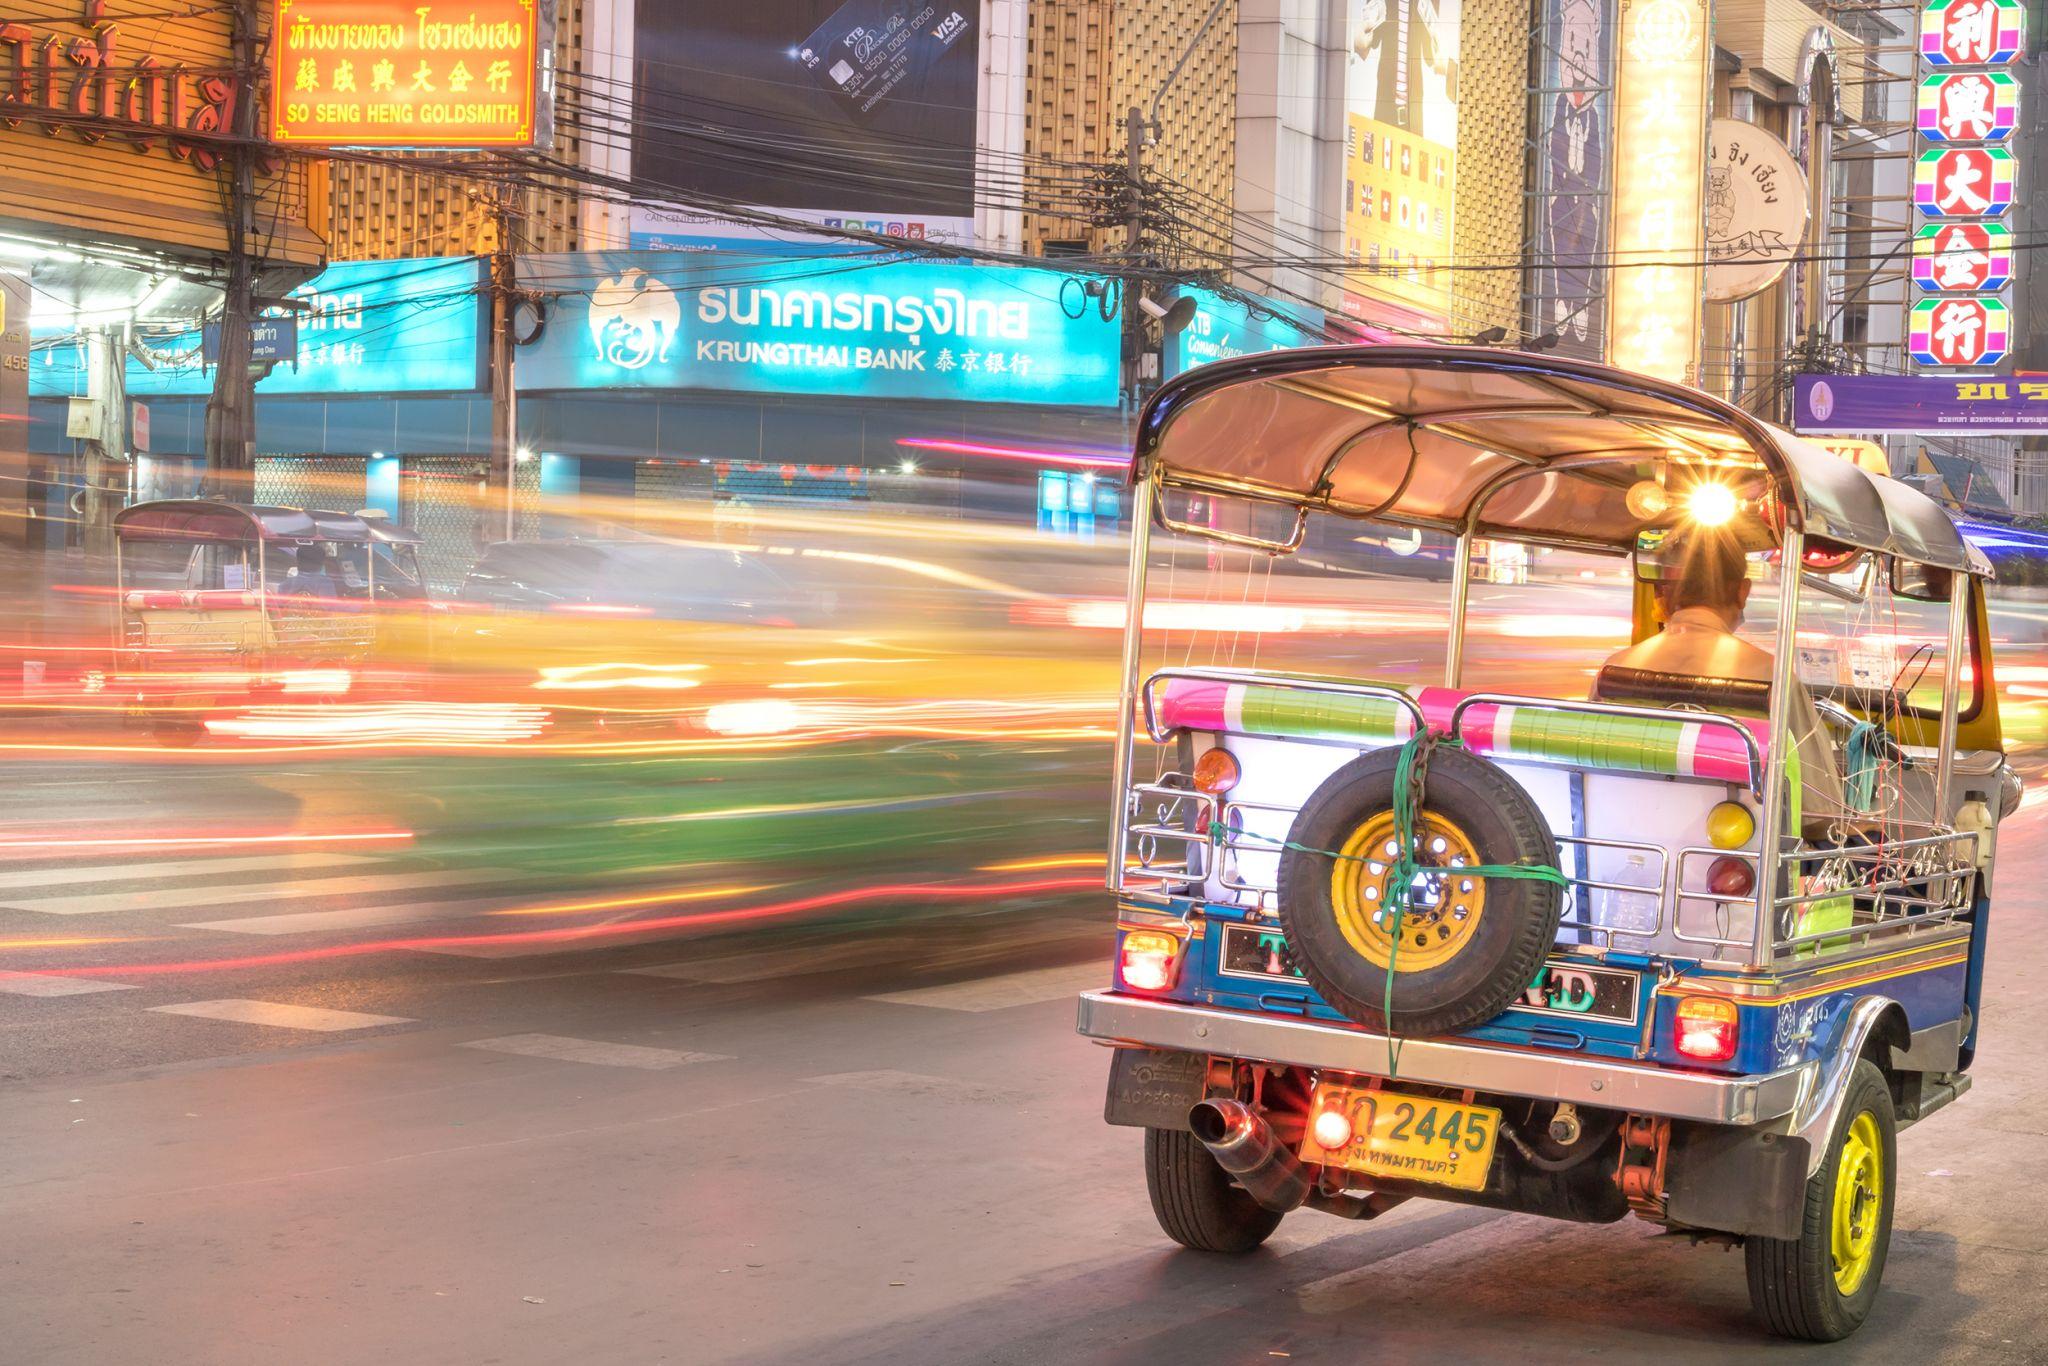 China Town Bangkok, Thailand